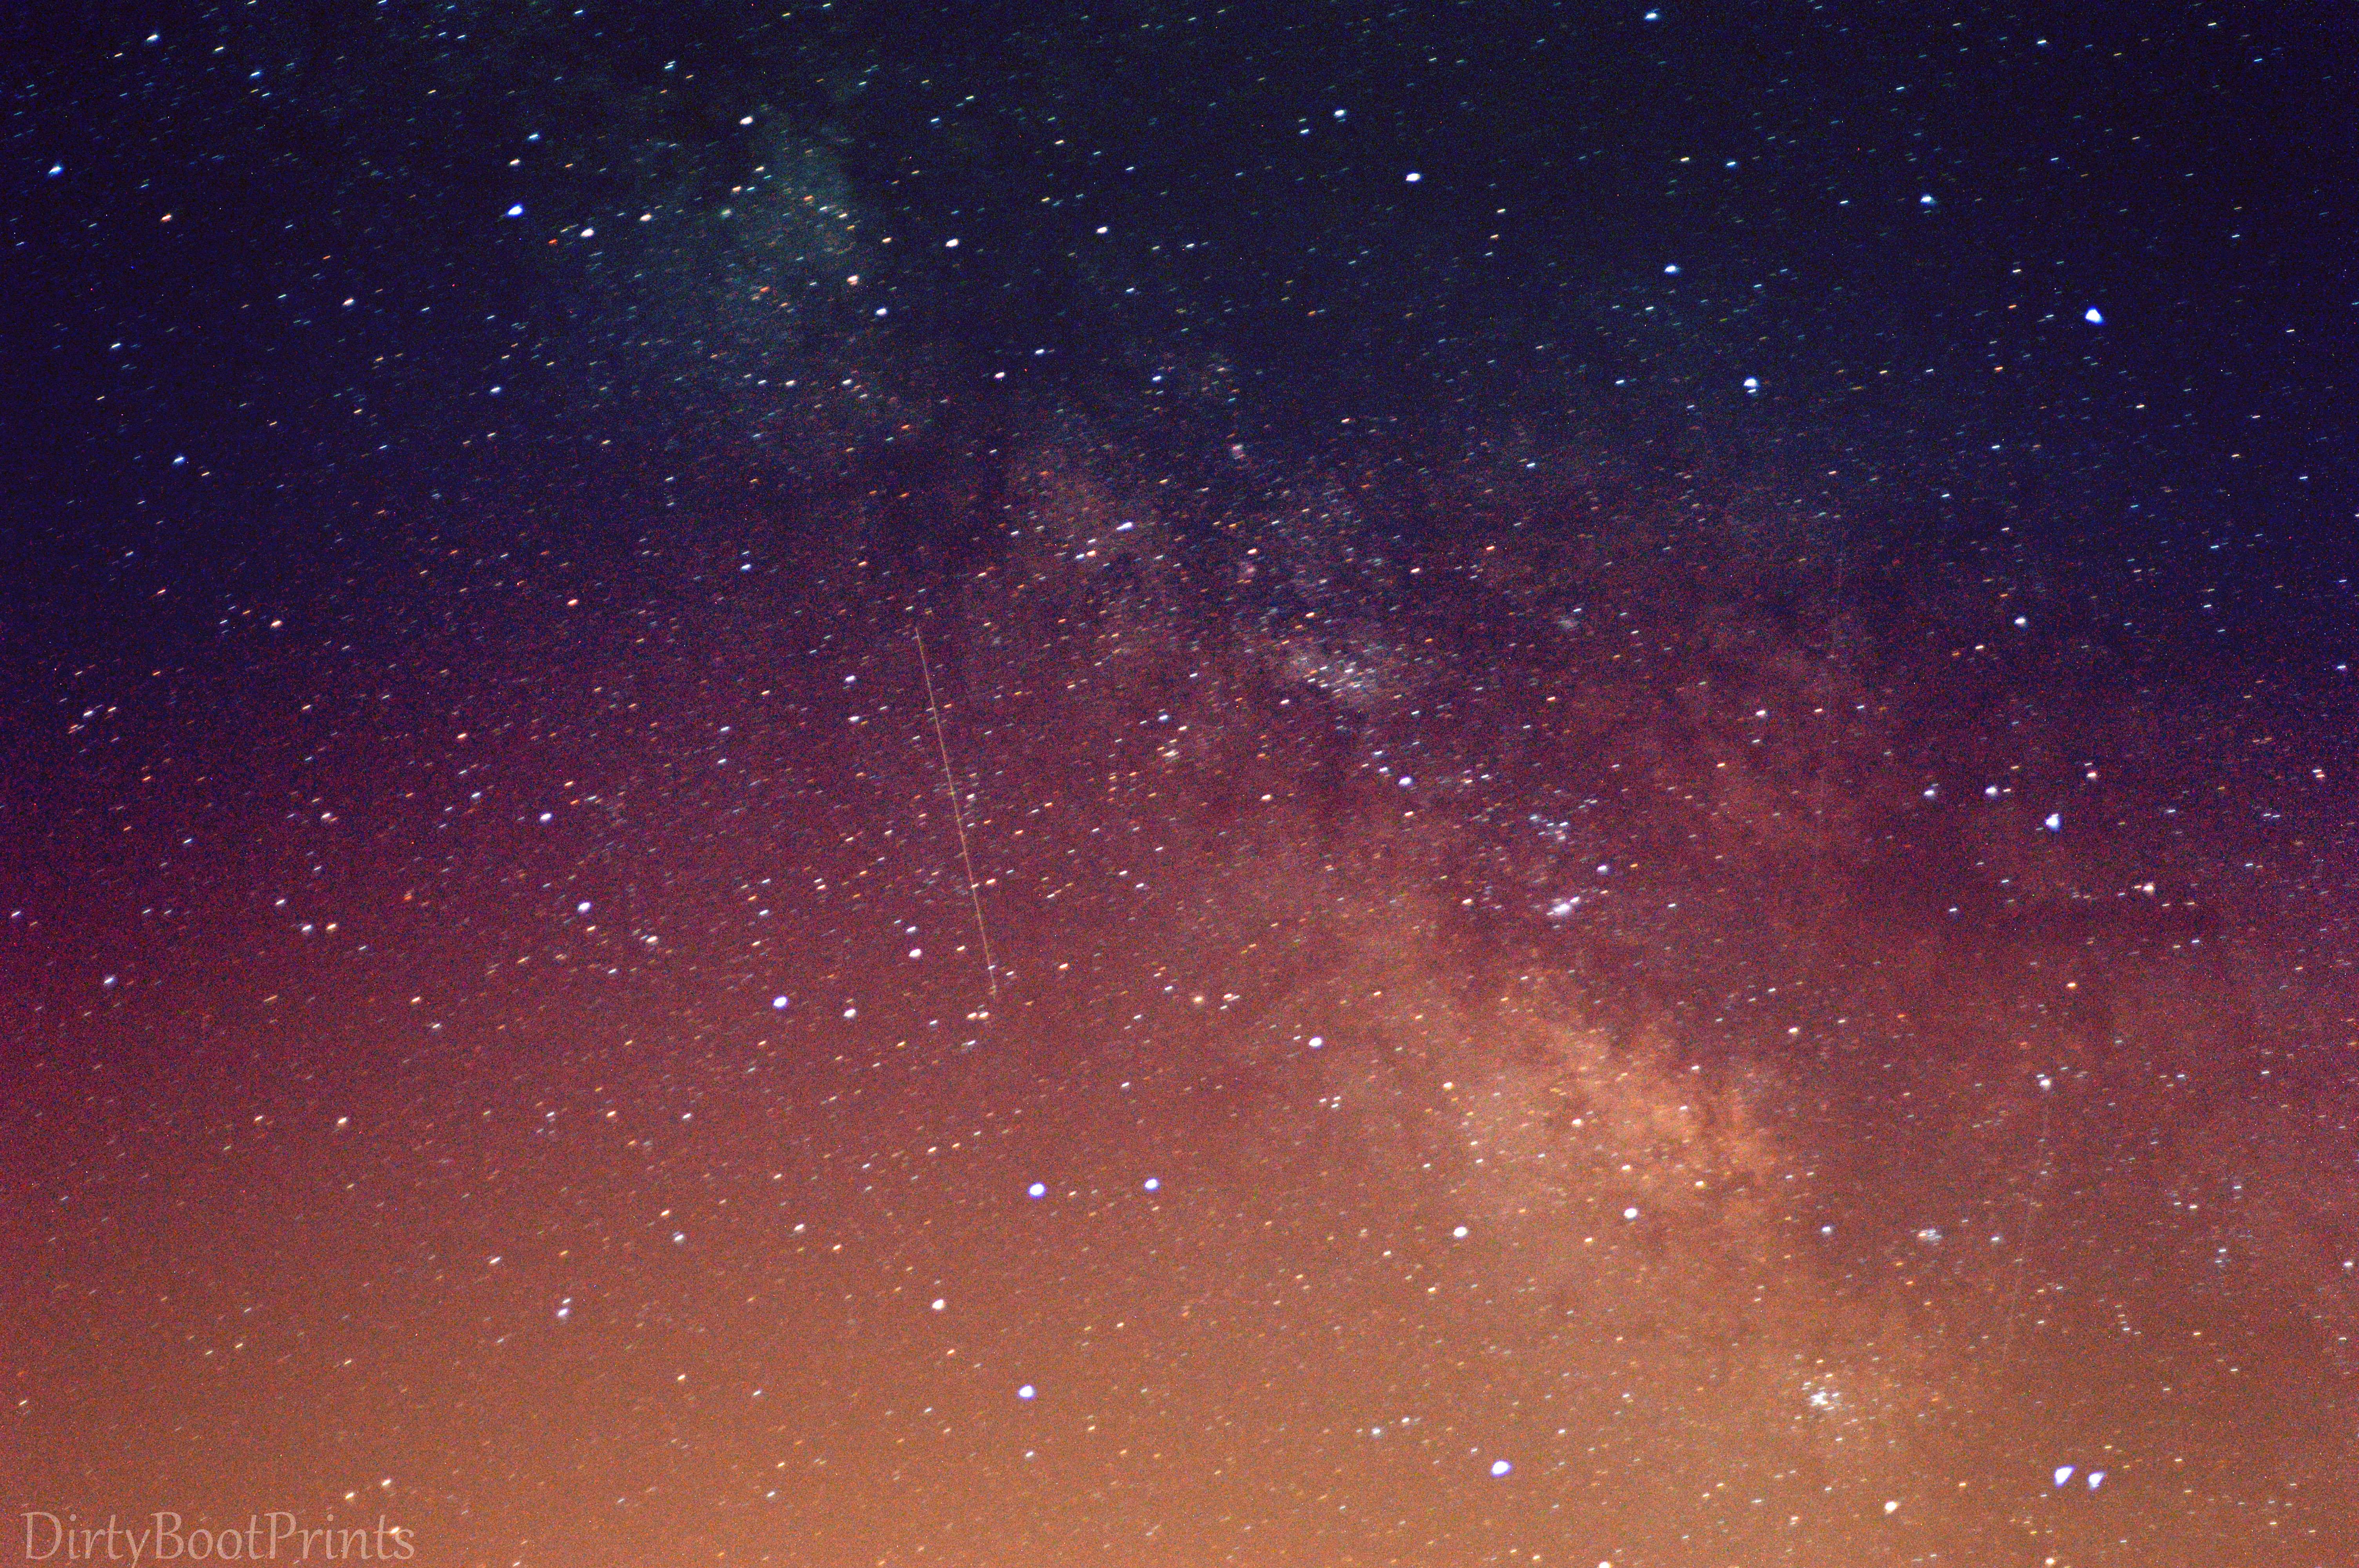 デスクトップ壁紙 ライト 秋 尾 スペース 天の川 火災 星雲